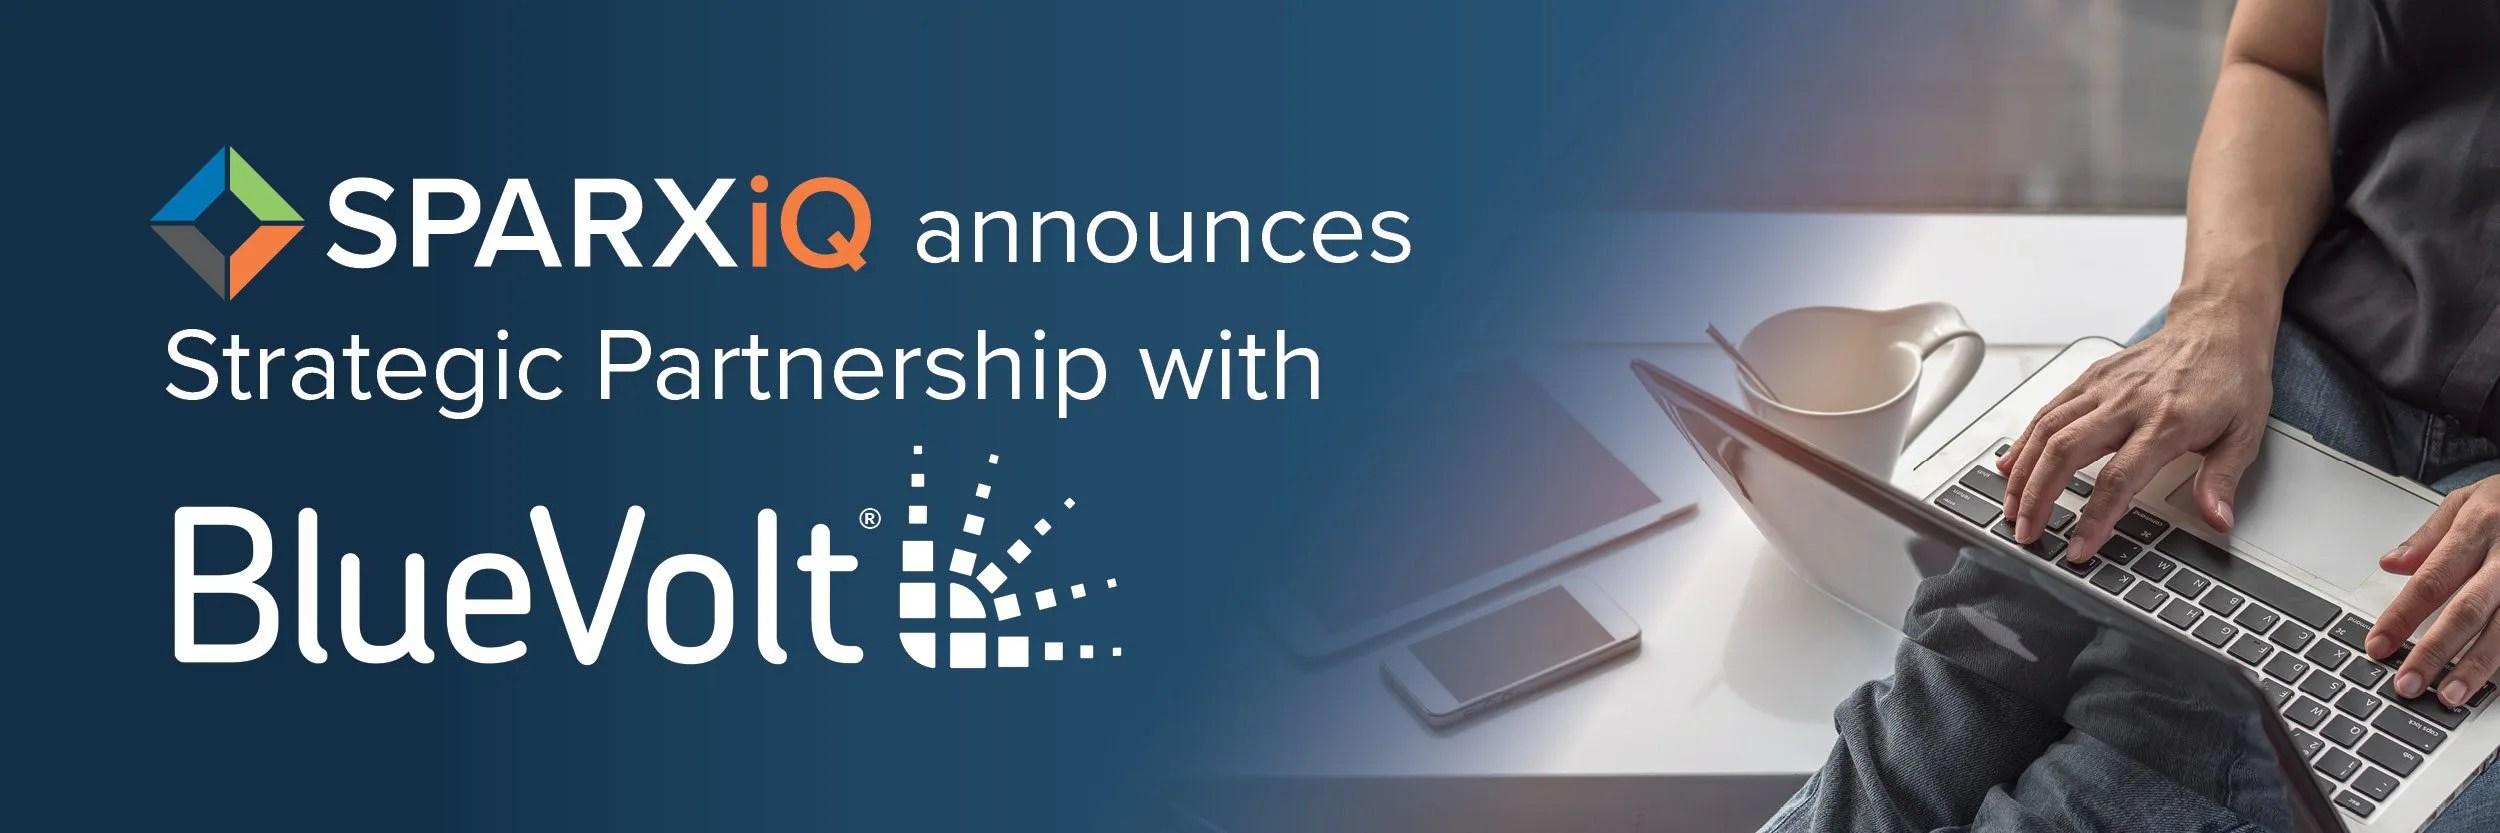 SPARXiQ BlueVolt Partnership Announcement